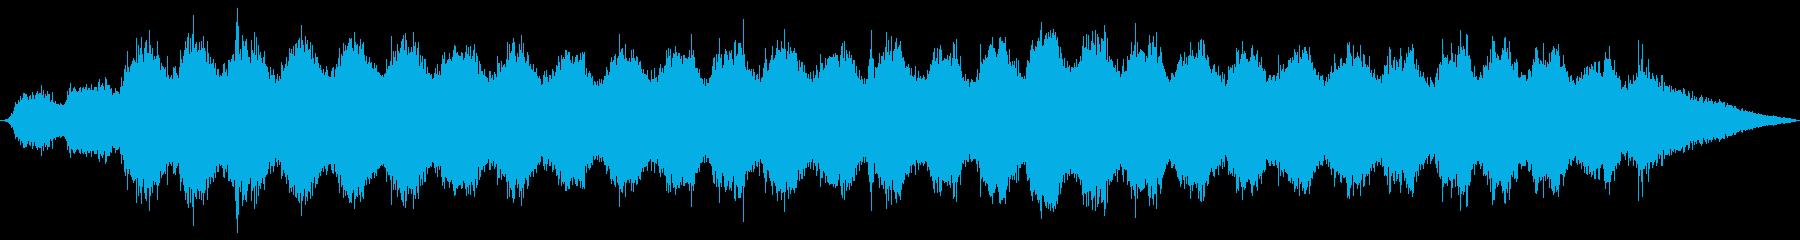 ローイングマシン:モダン:スタート...の再生済みの波形